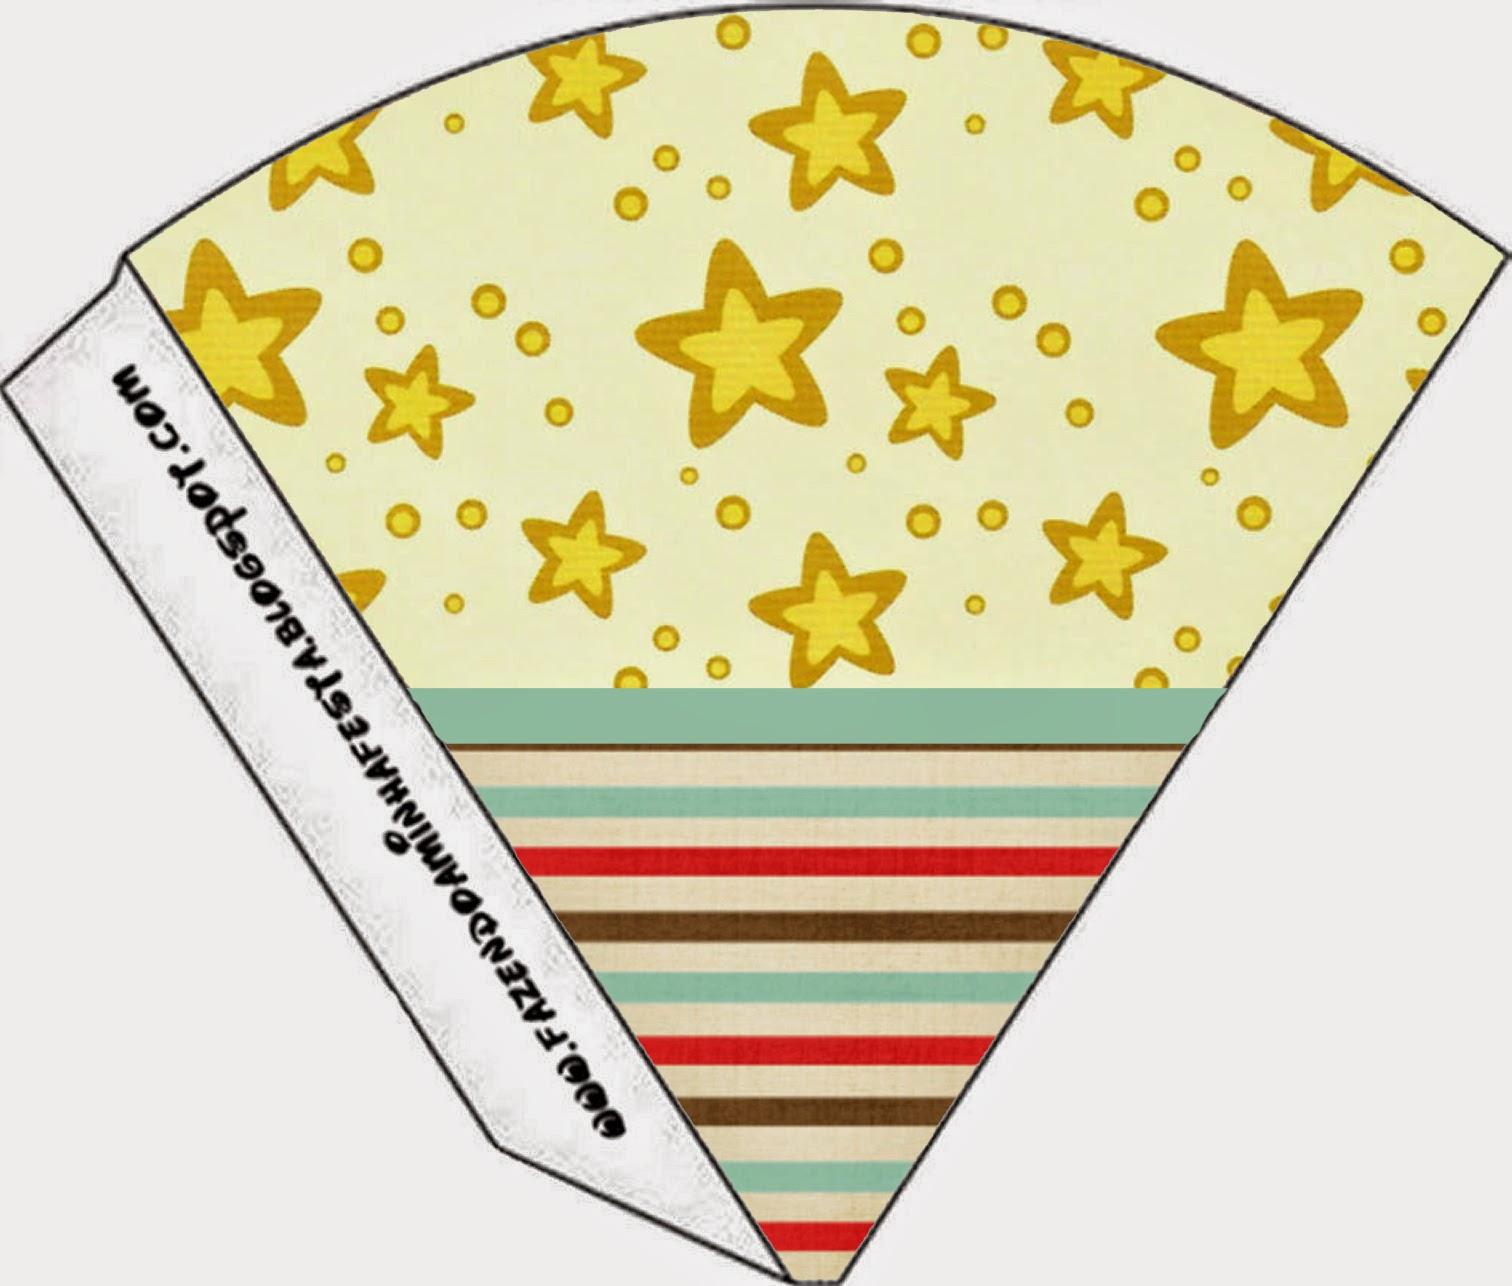 Conos=Cucuruchos para Imprimir Gratis de Estrellas Doradas y Rayas de Colores.